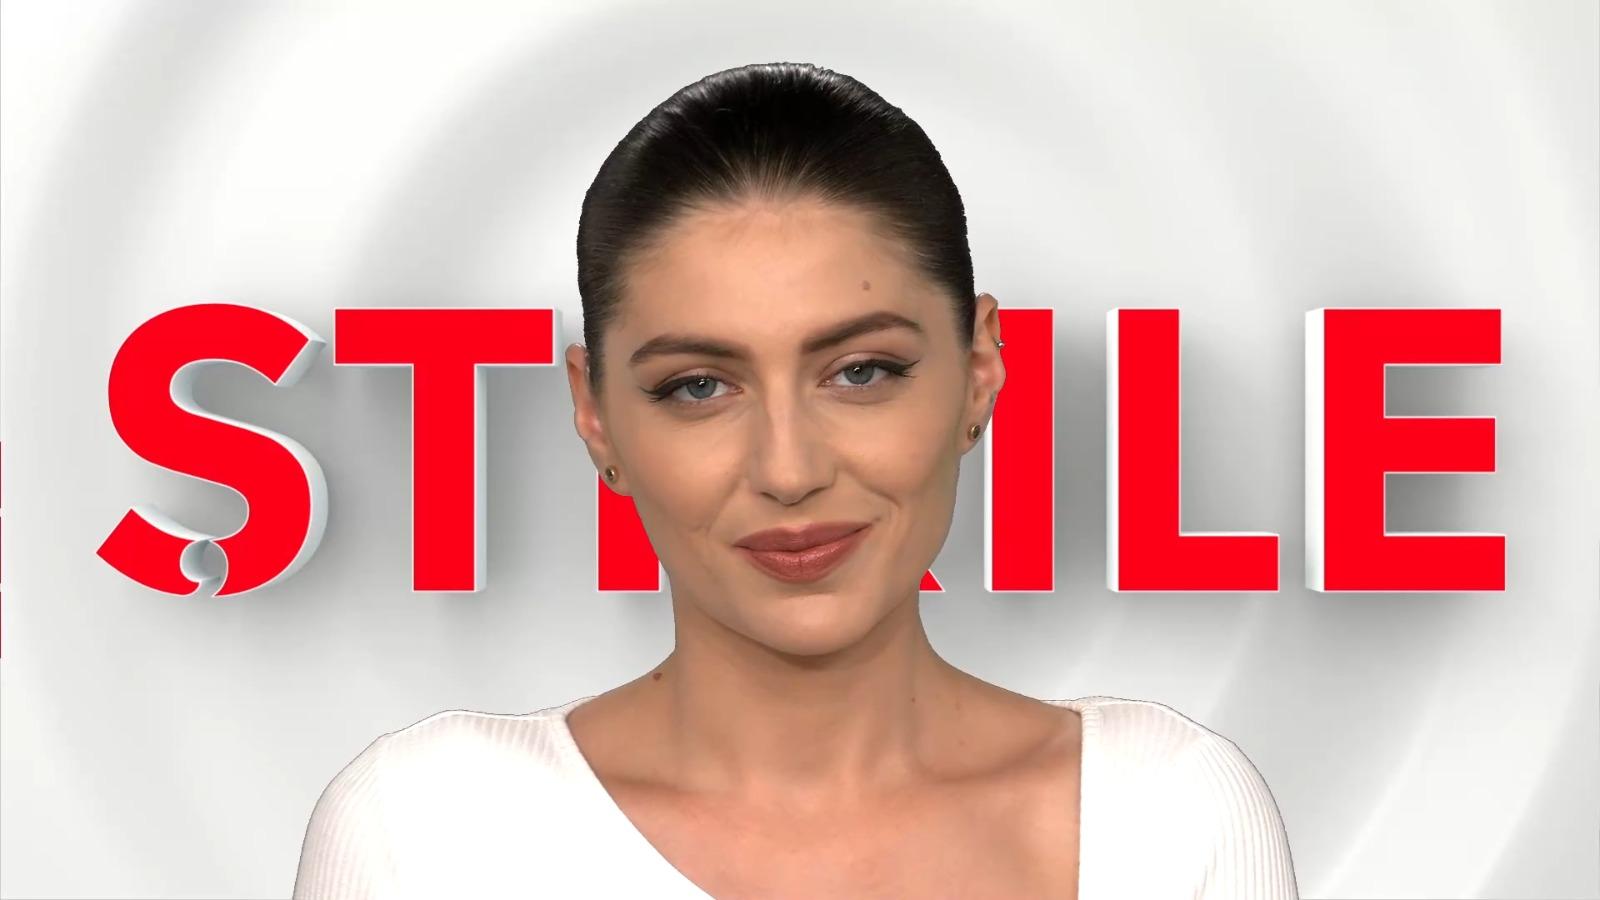 Știrile de la ora 09:00, prezentate de Raluca Maniță, 30 iulie 2021